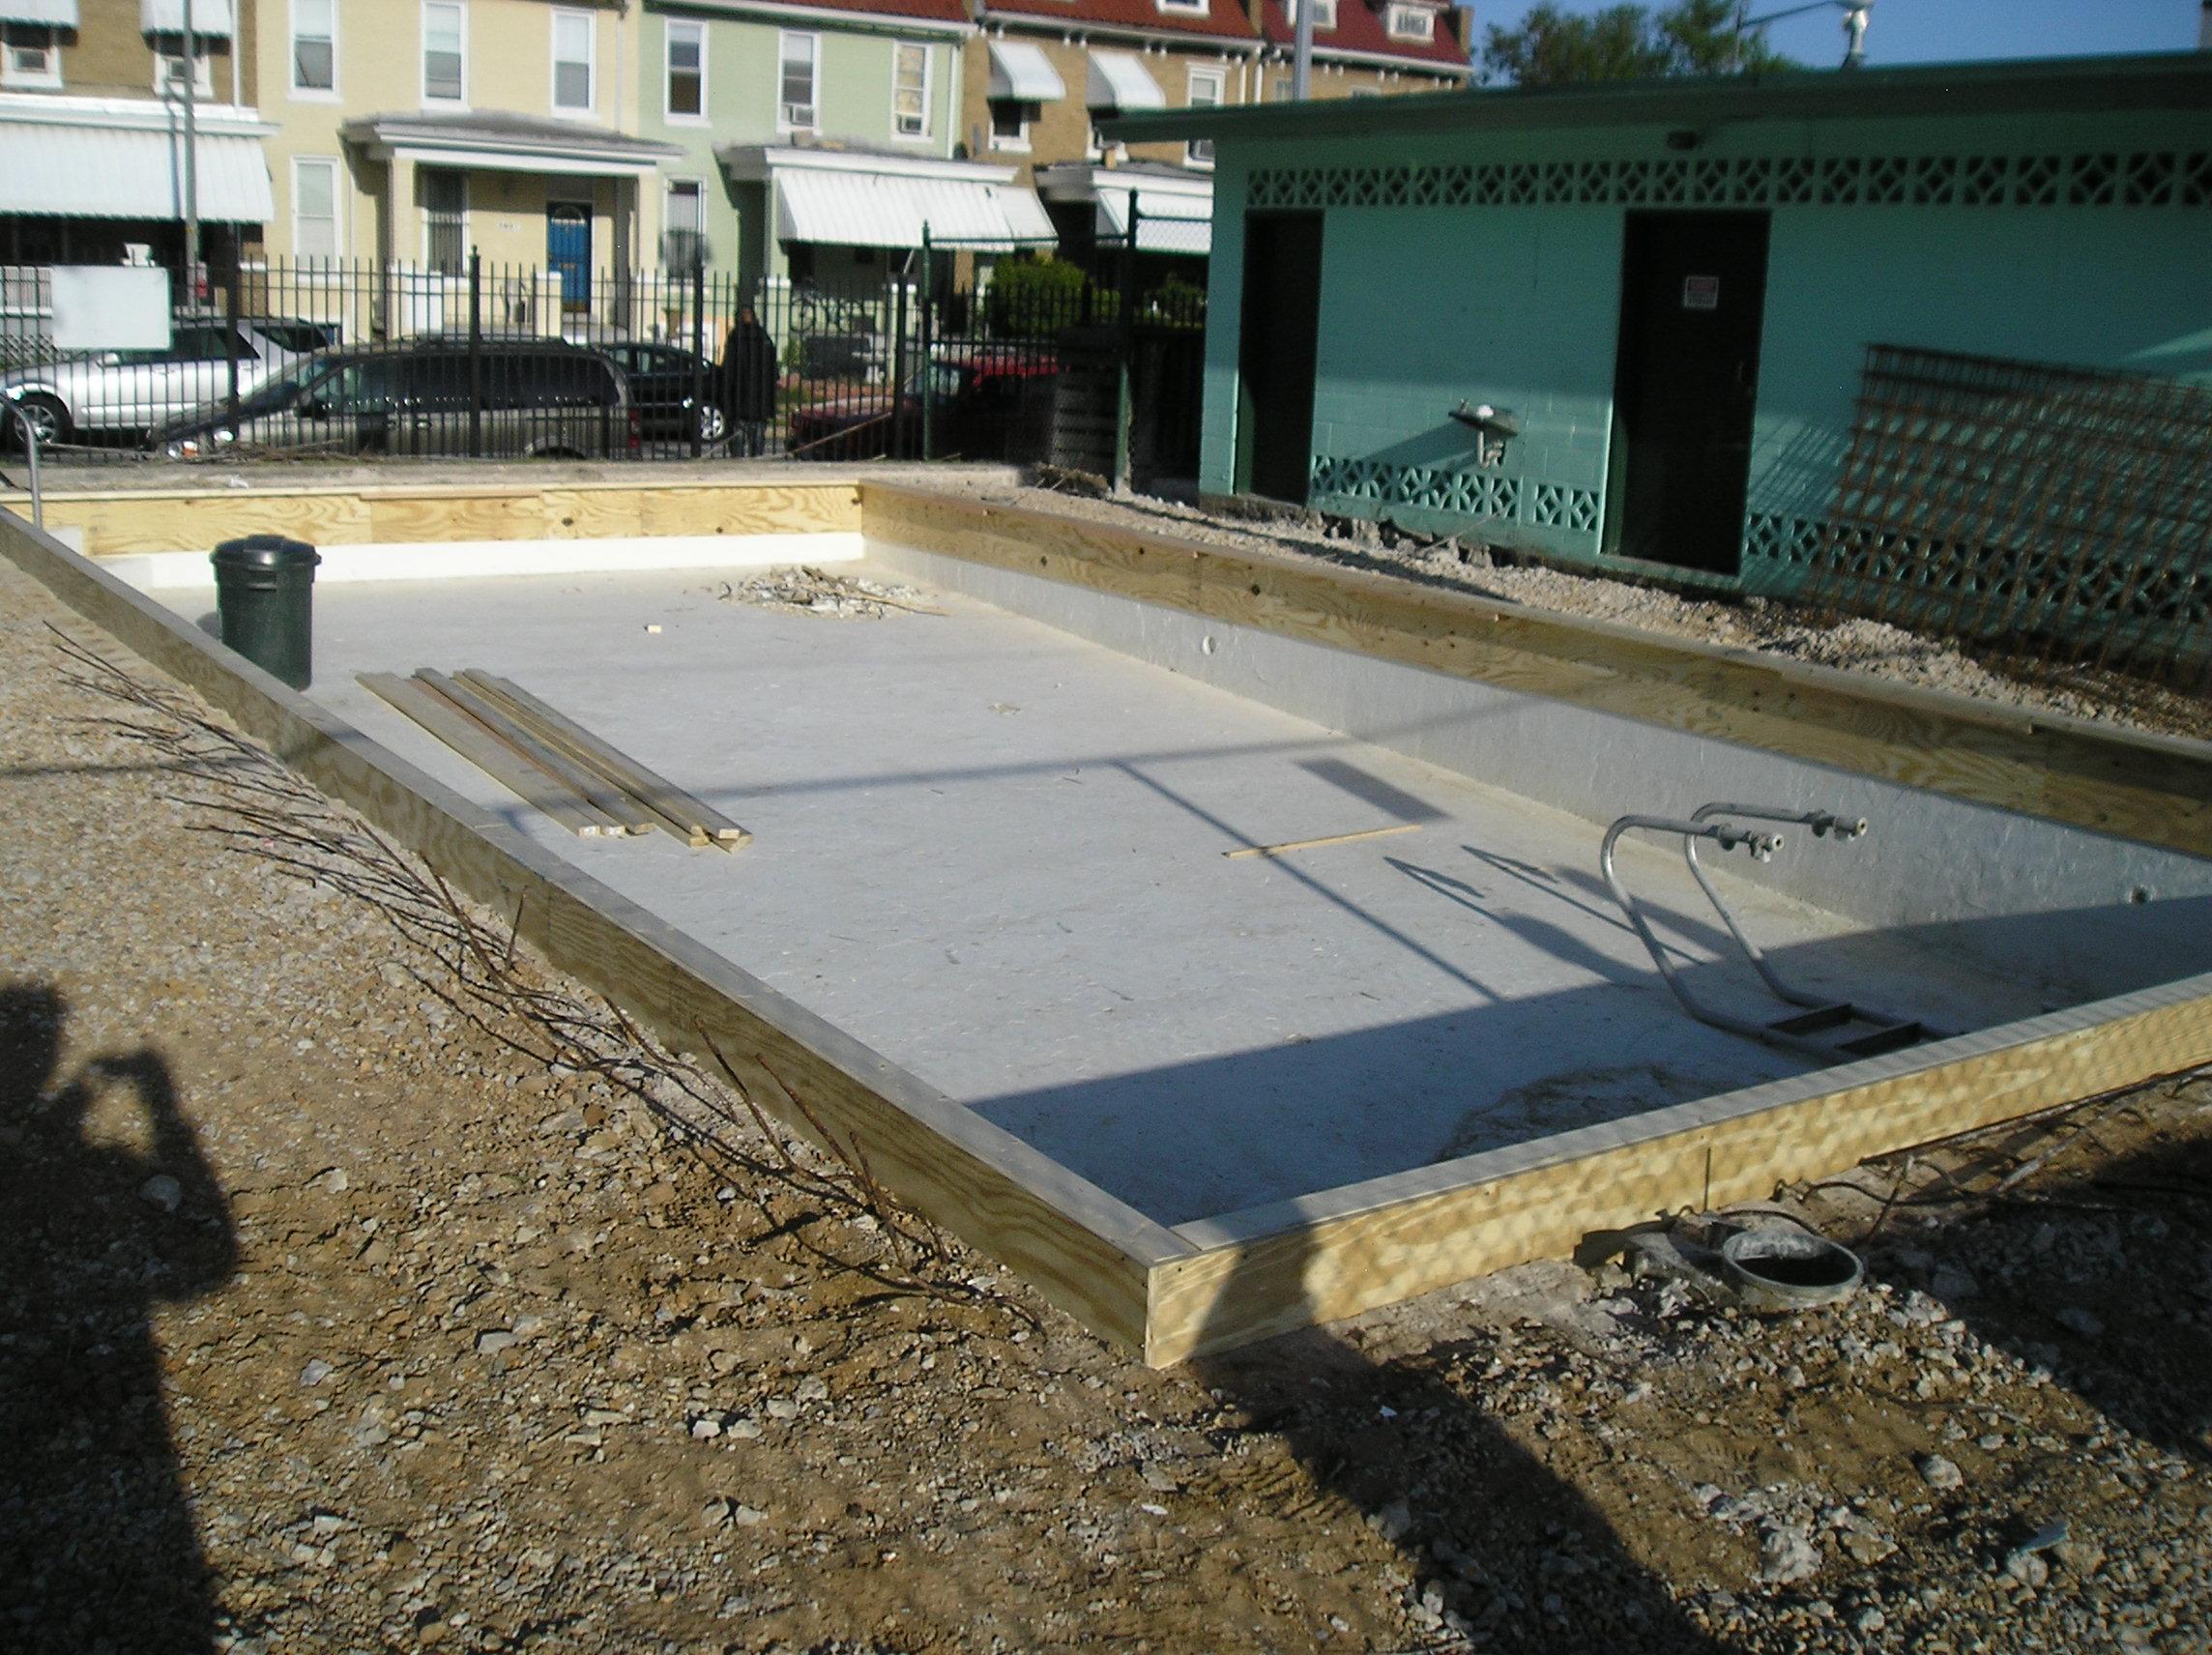 Pool At Rec Center Receiving Repairs Park View D C